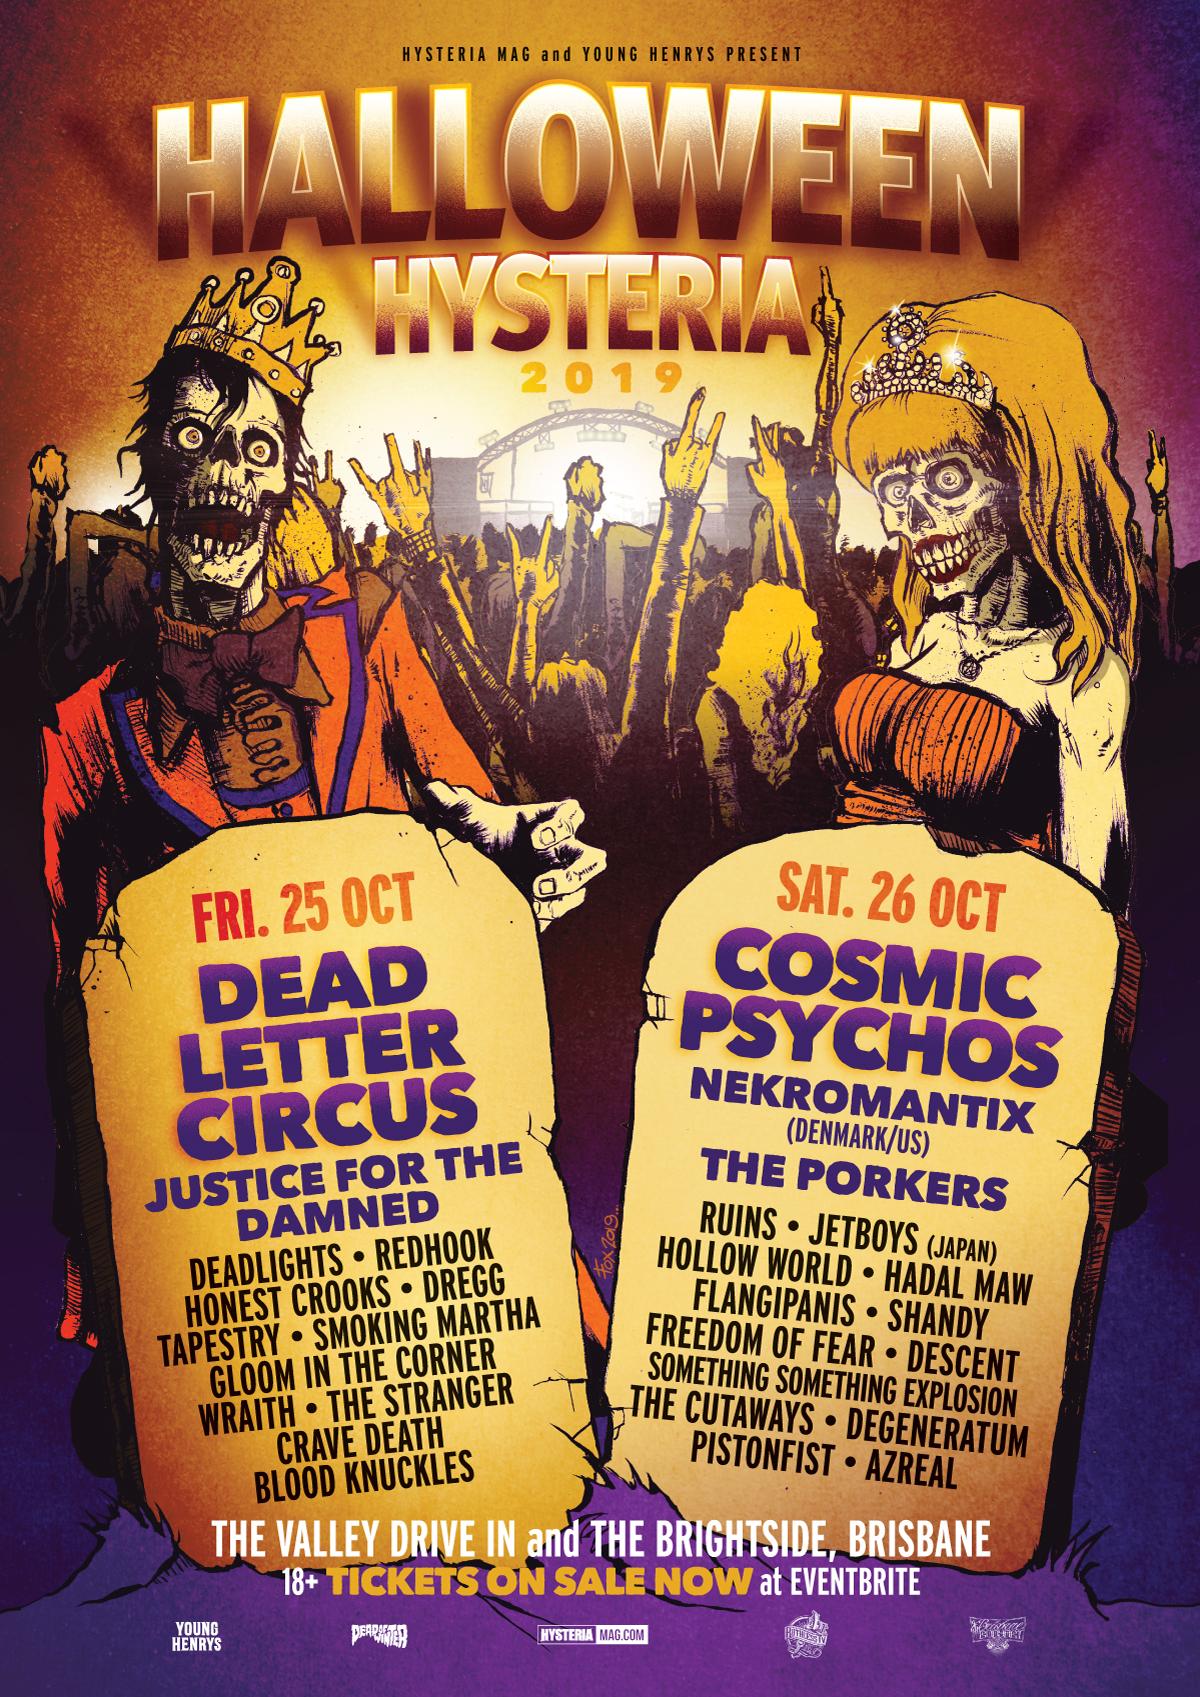 Halloween Hysteria 2019 Tickets at Eventbrite